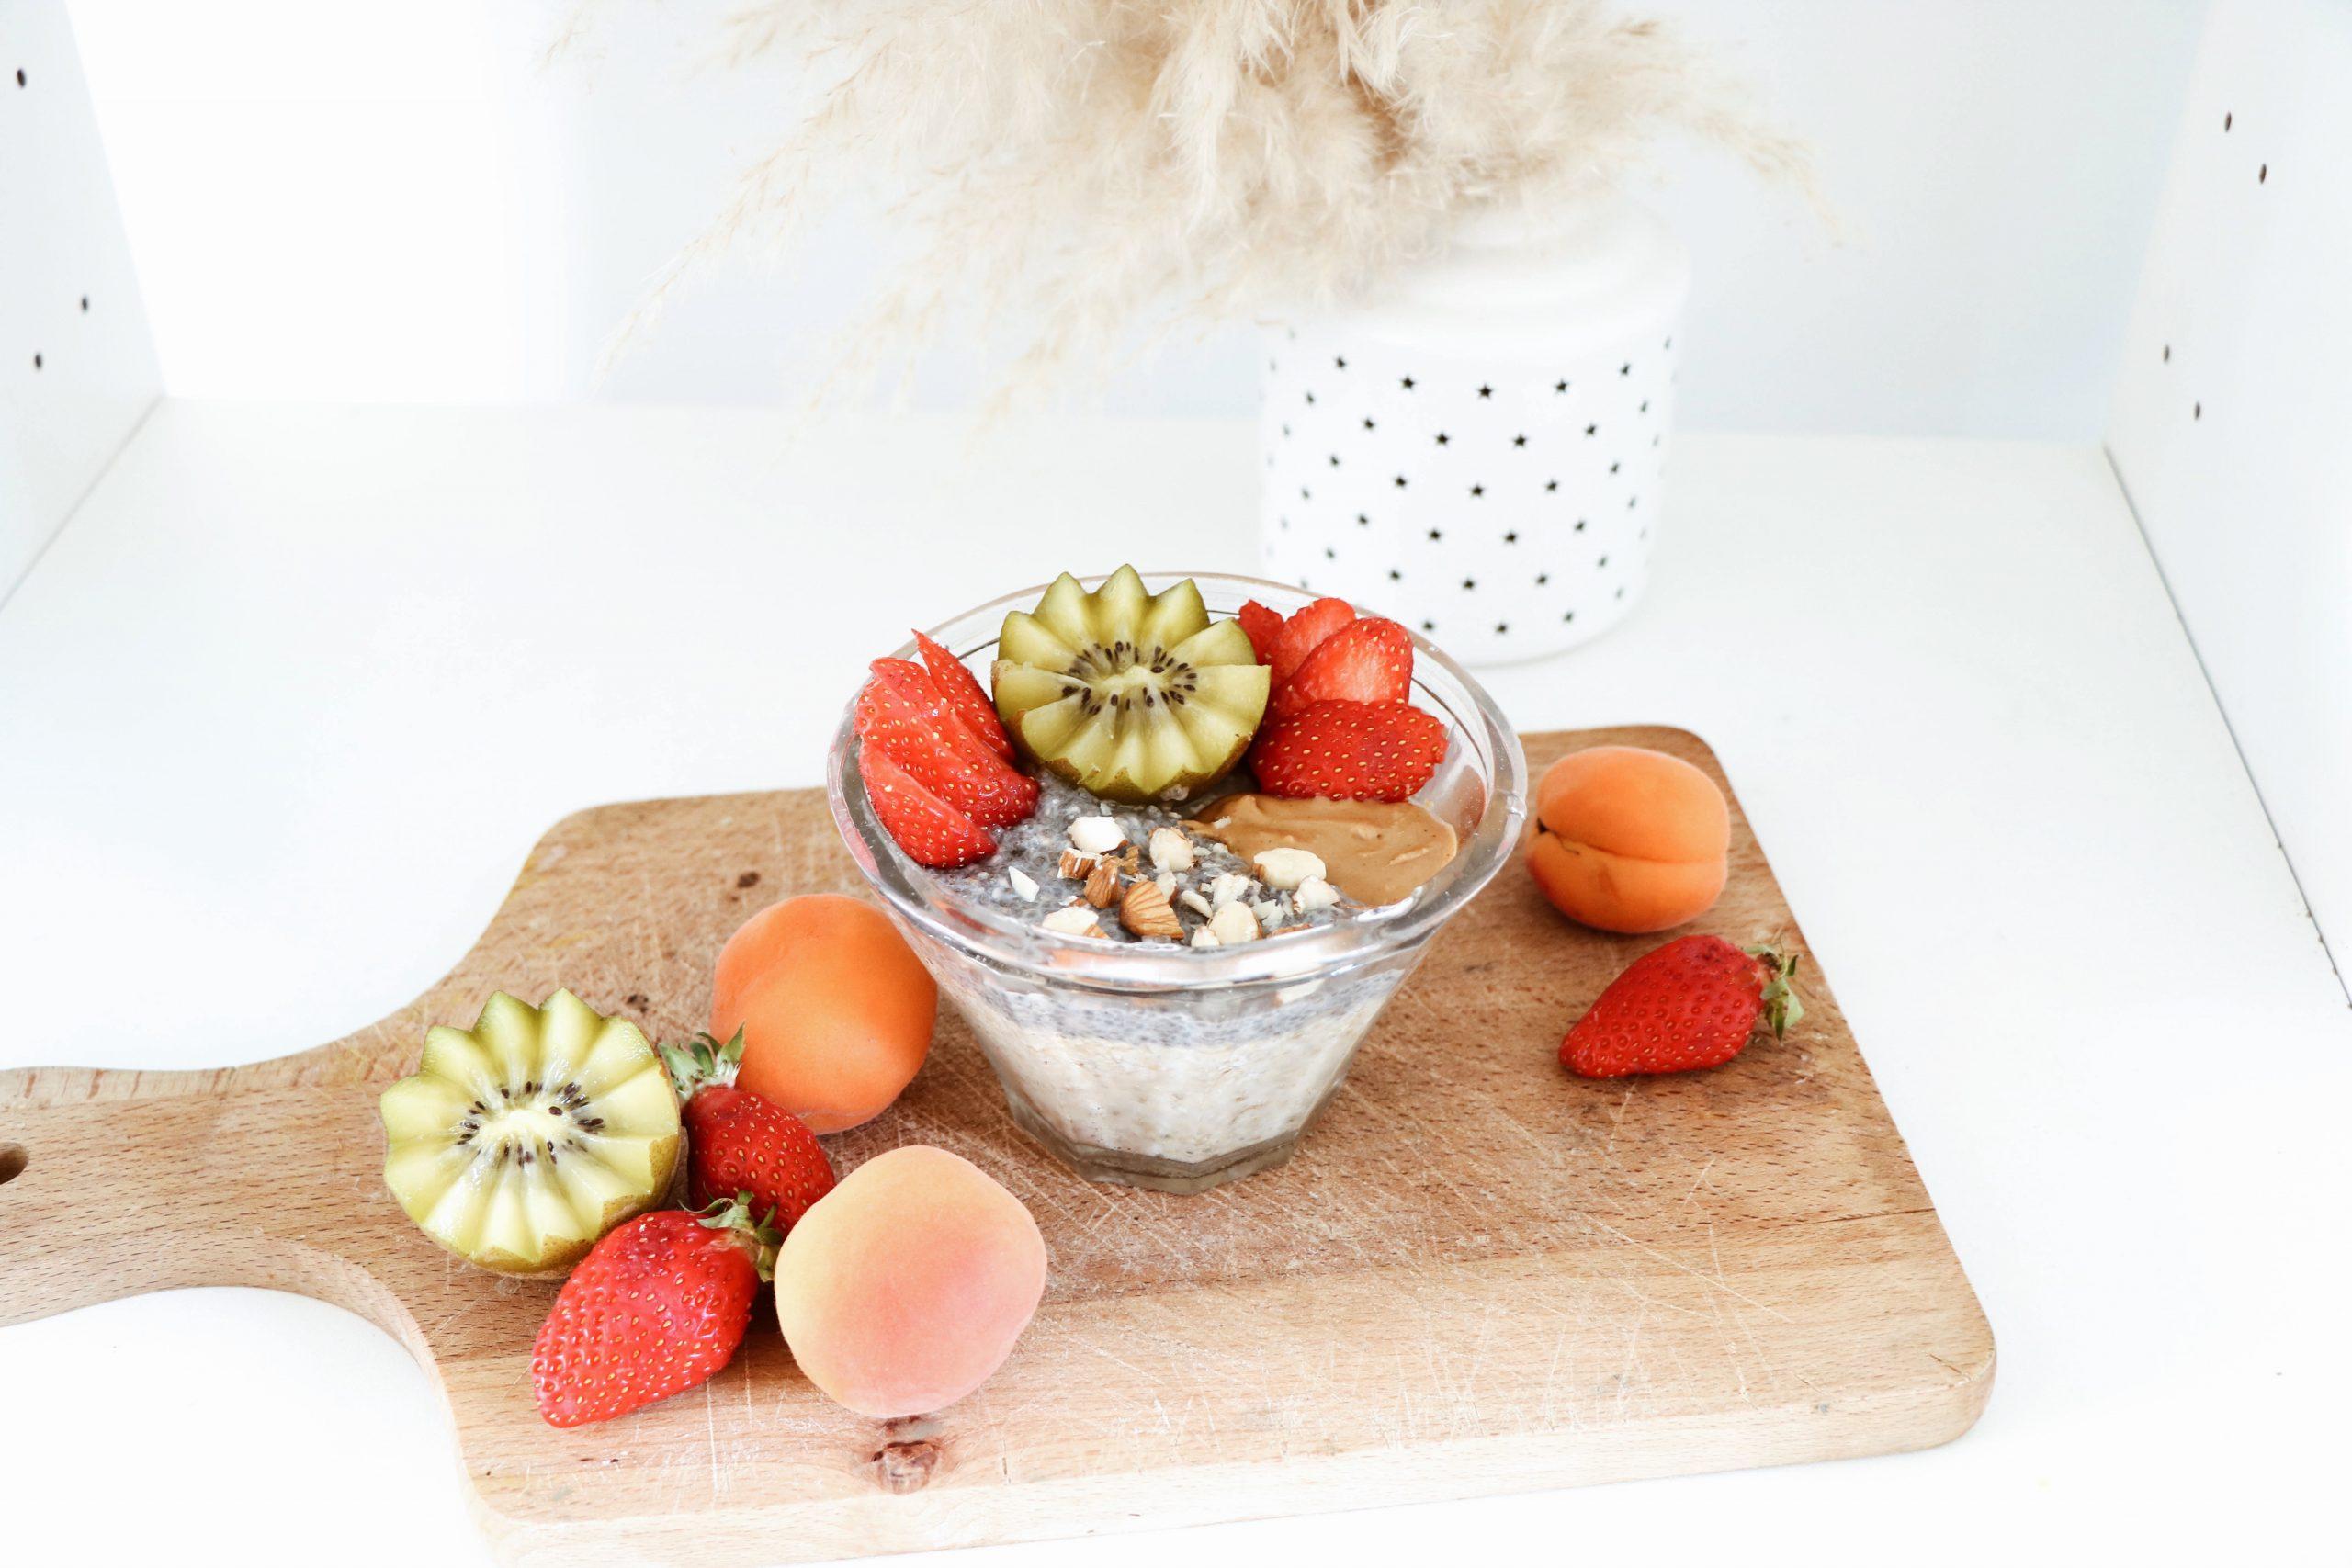 Petit-dej #1 : Porridge d'avoine frais